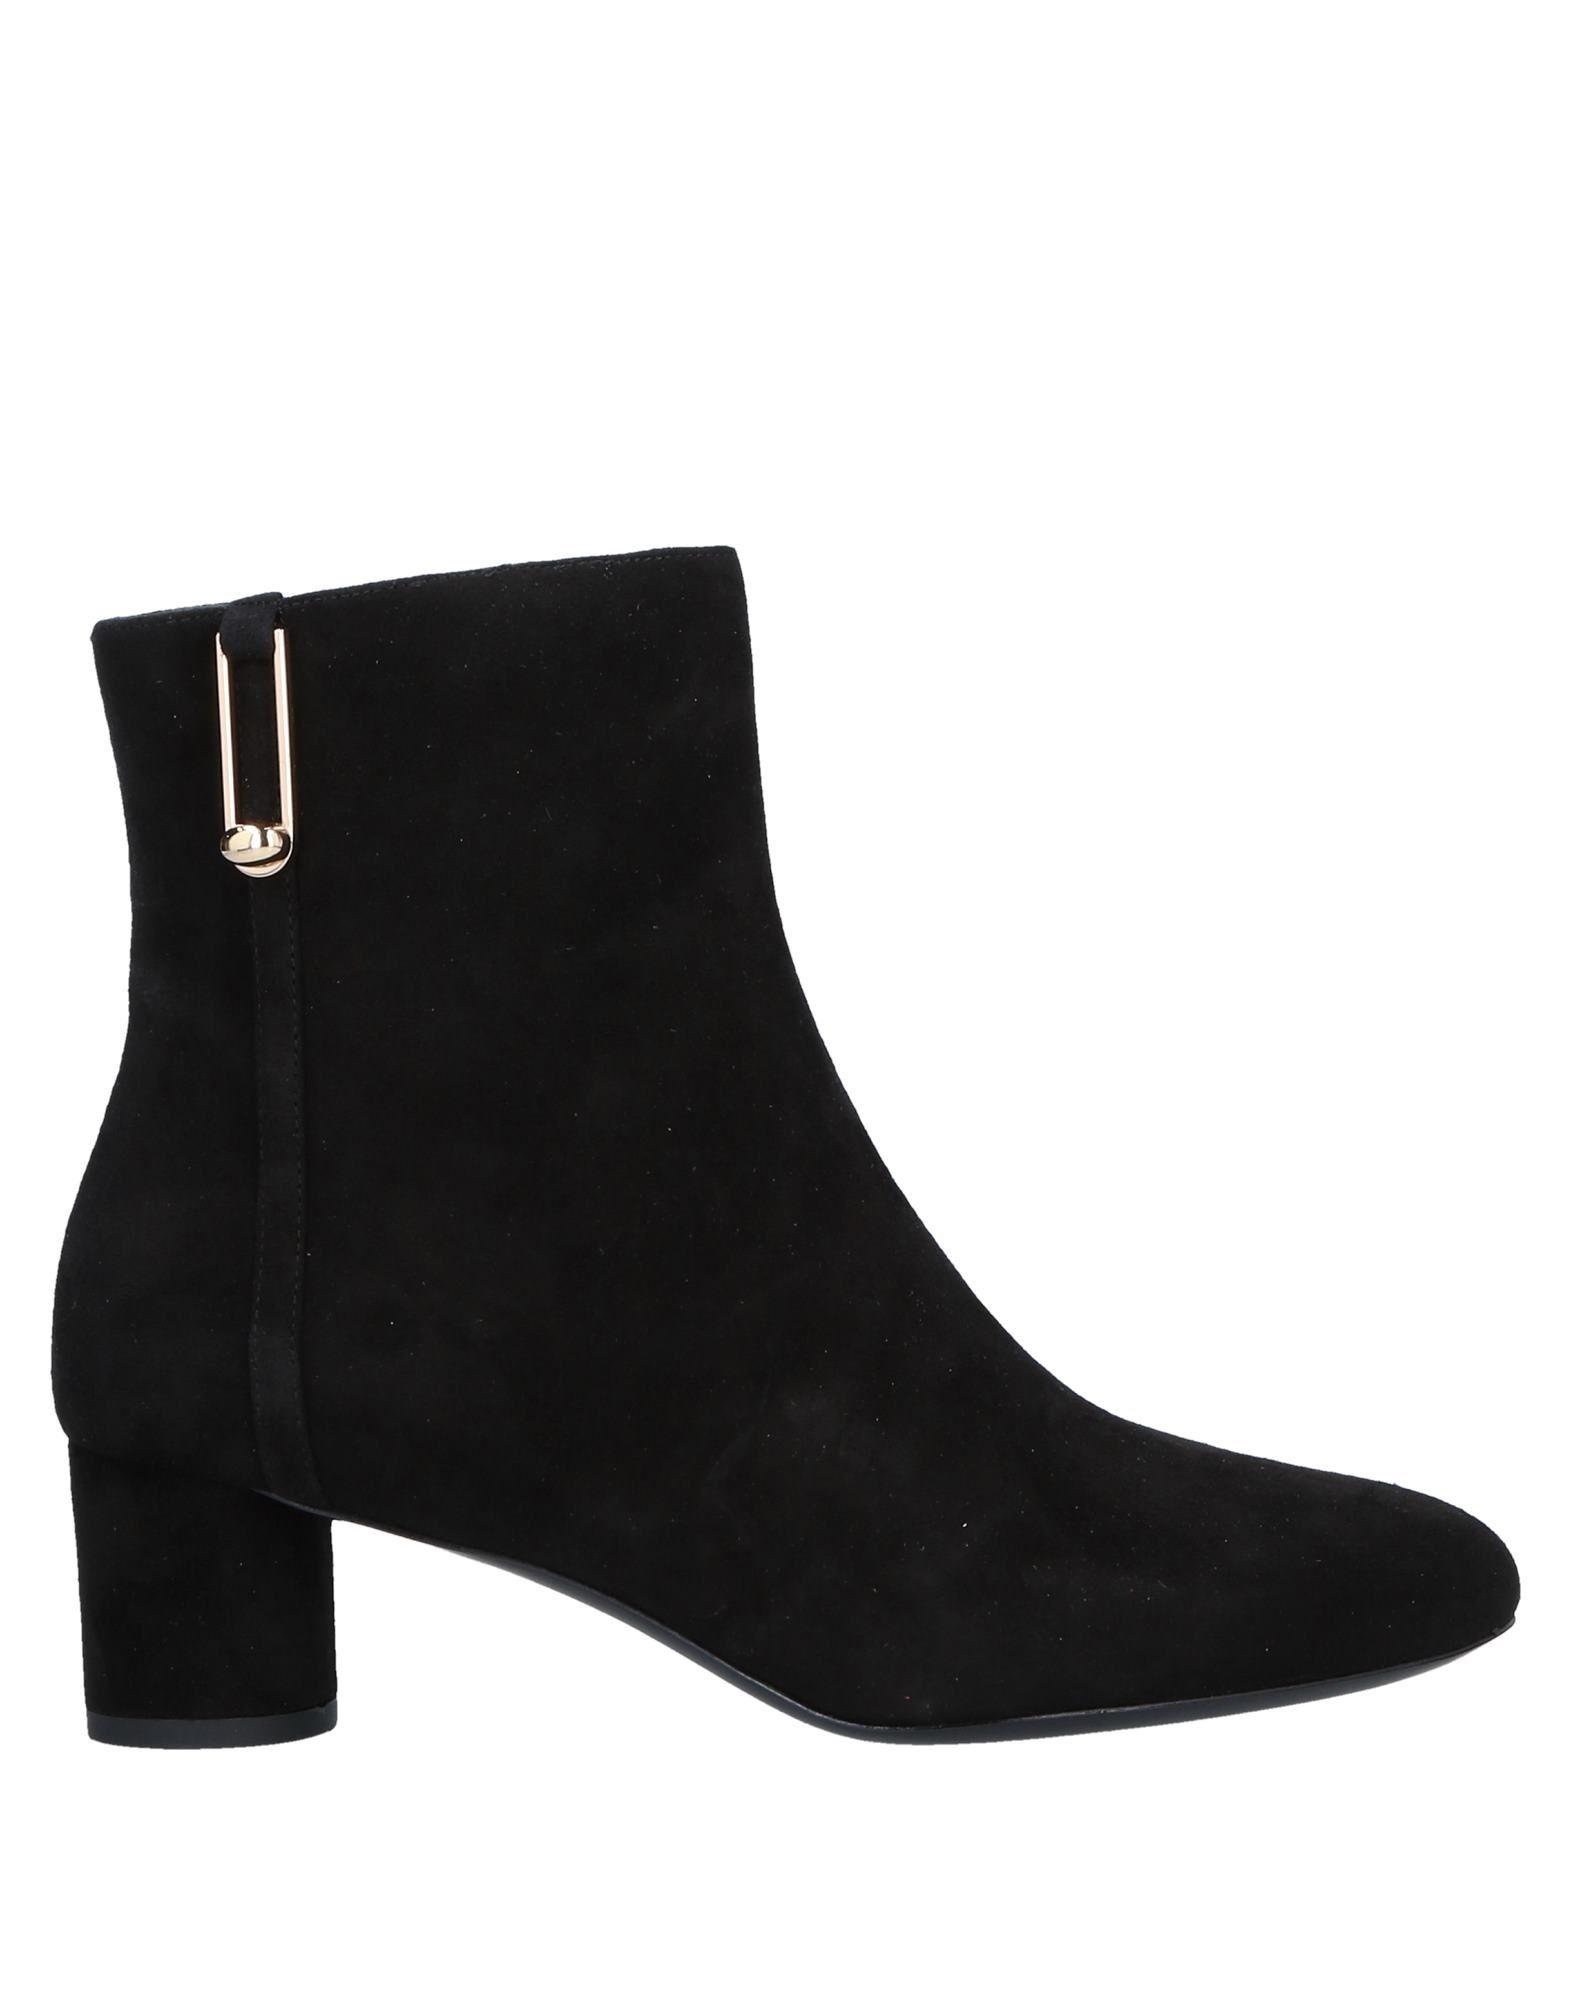 Stella Luna Stiefelette Damen  11542743JOGünstige gut aussehende Schuhe